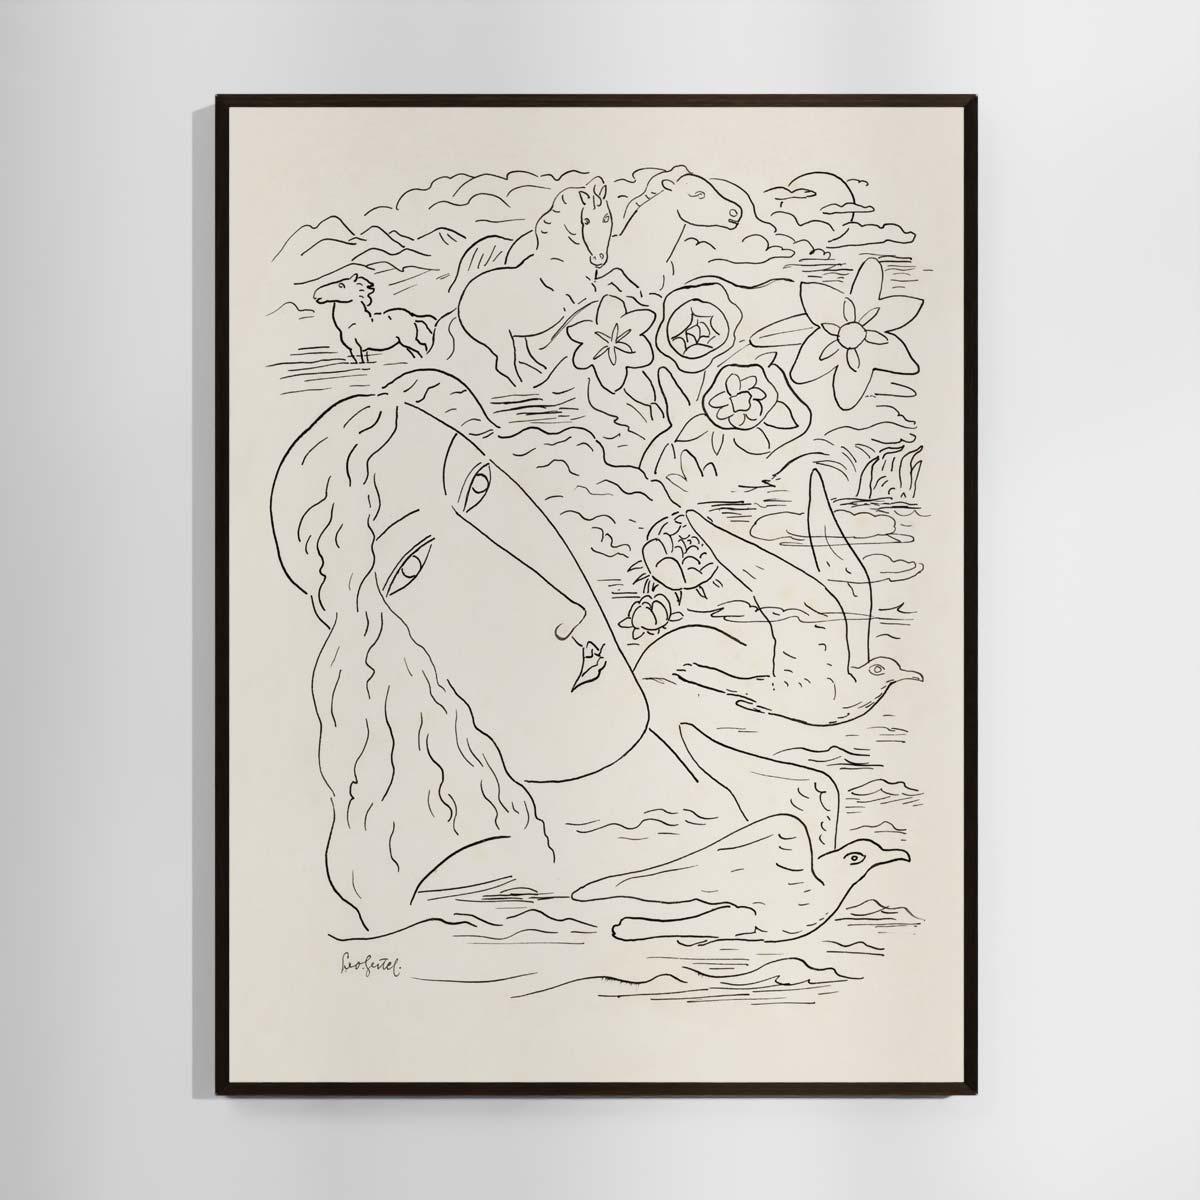 Plakat - Stregtegning - Drømmen om havet - Leo Gestel